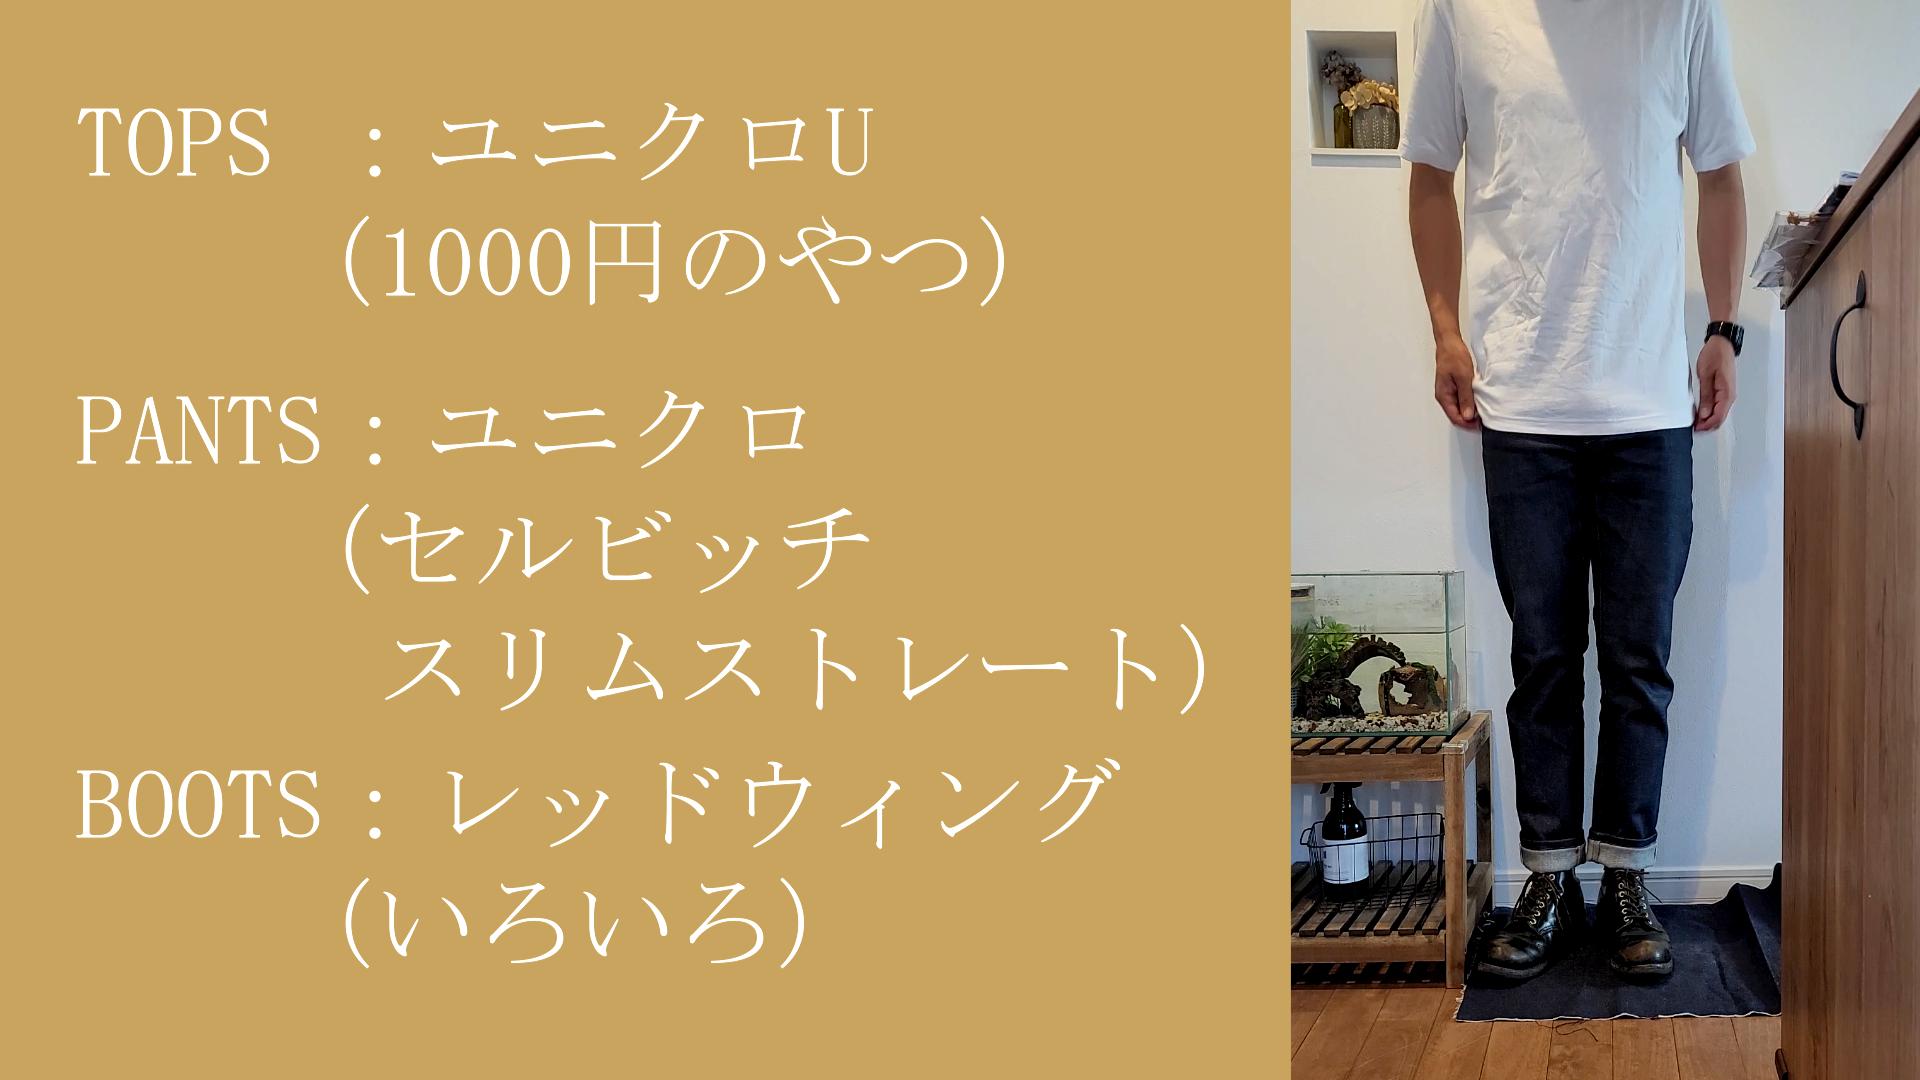 レッドウィング コーデ 夏 9870 茶芯 ブラッククロンダイク